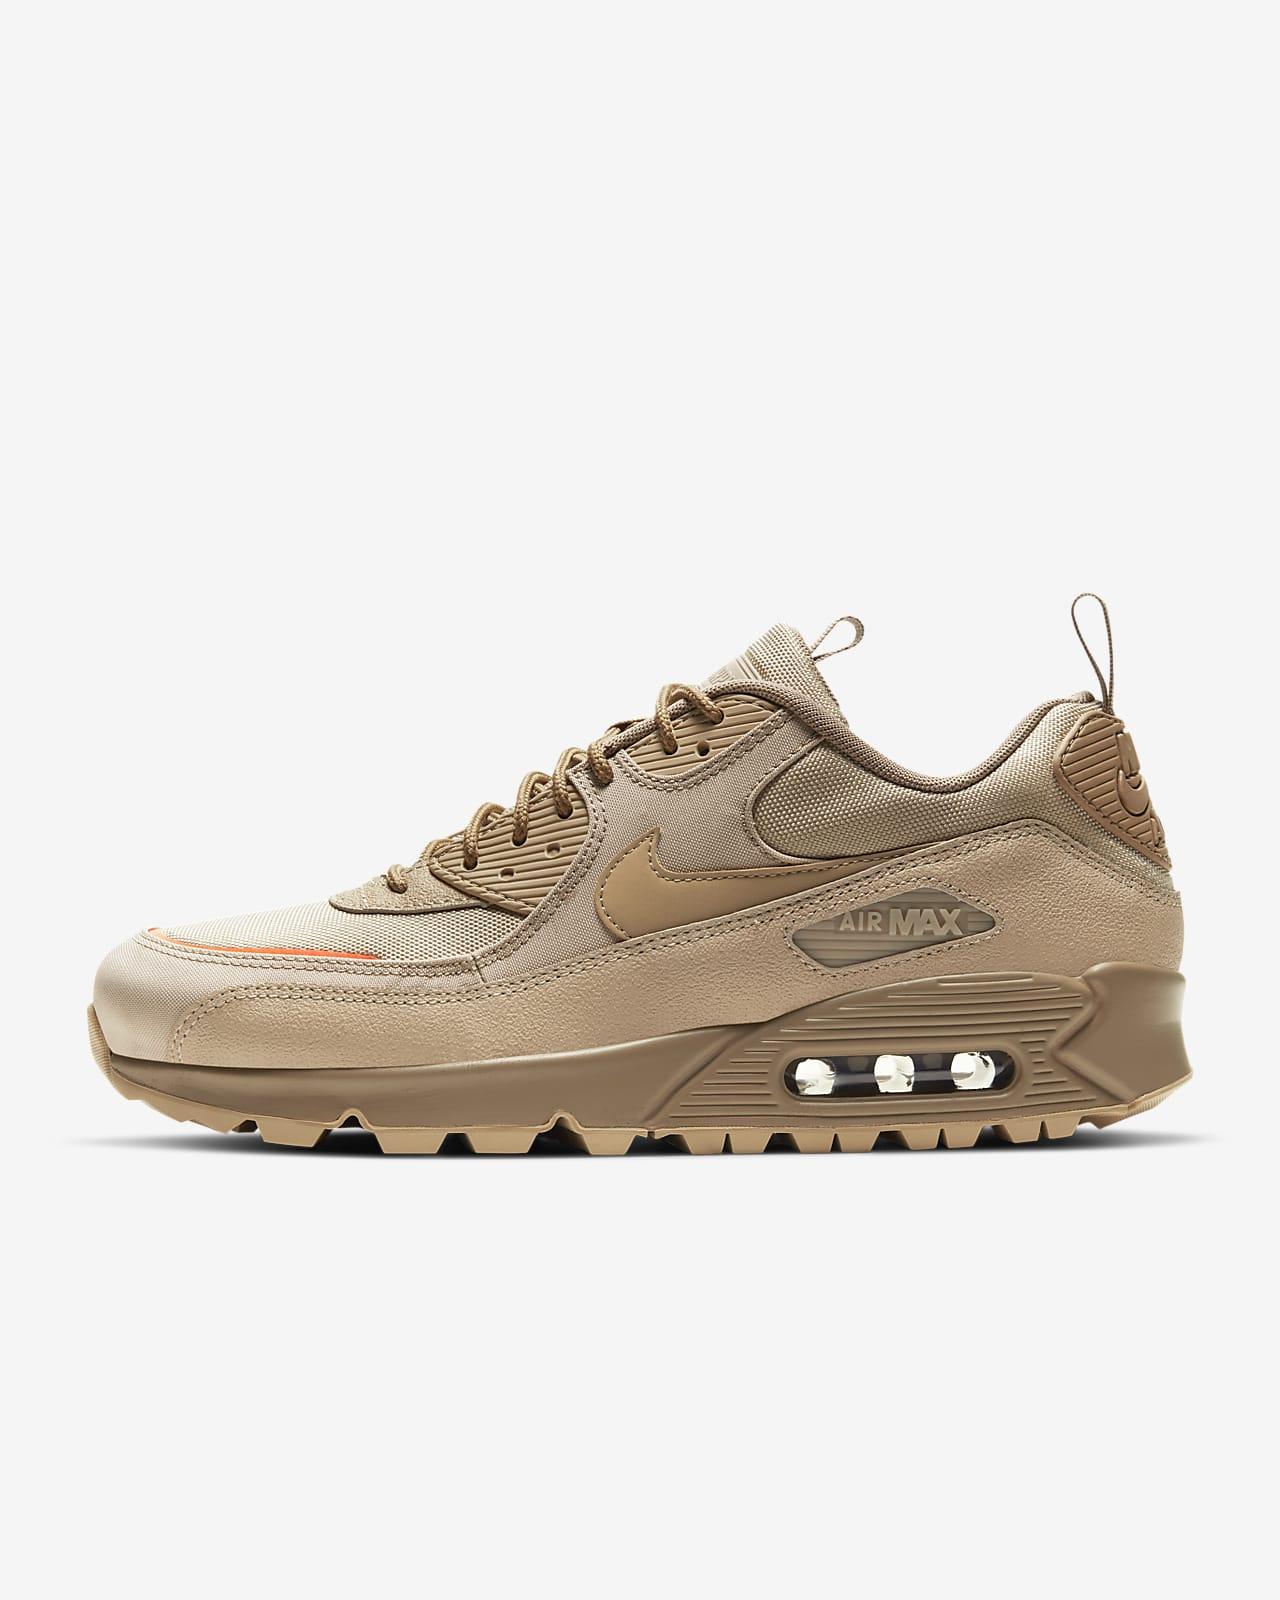 รองเท้าผู้ชาย Nike Air Max 90 Surplus